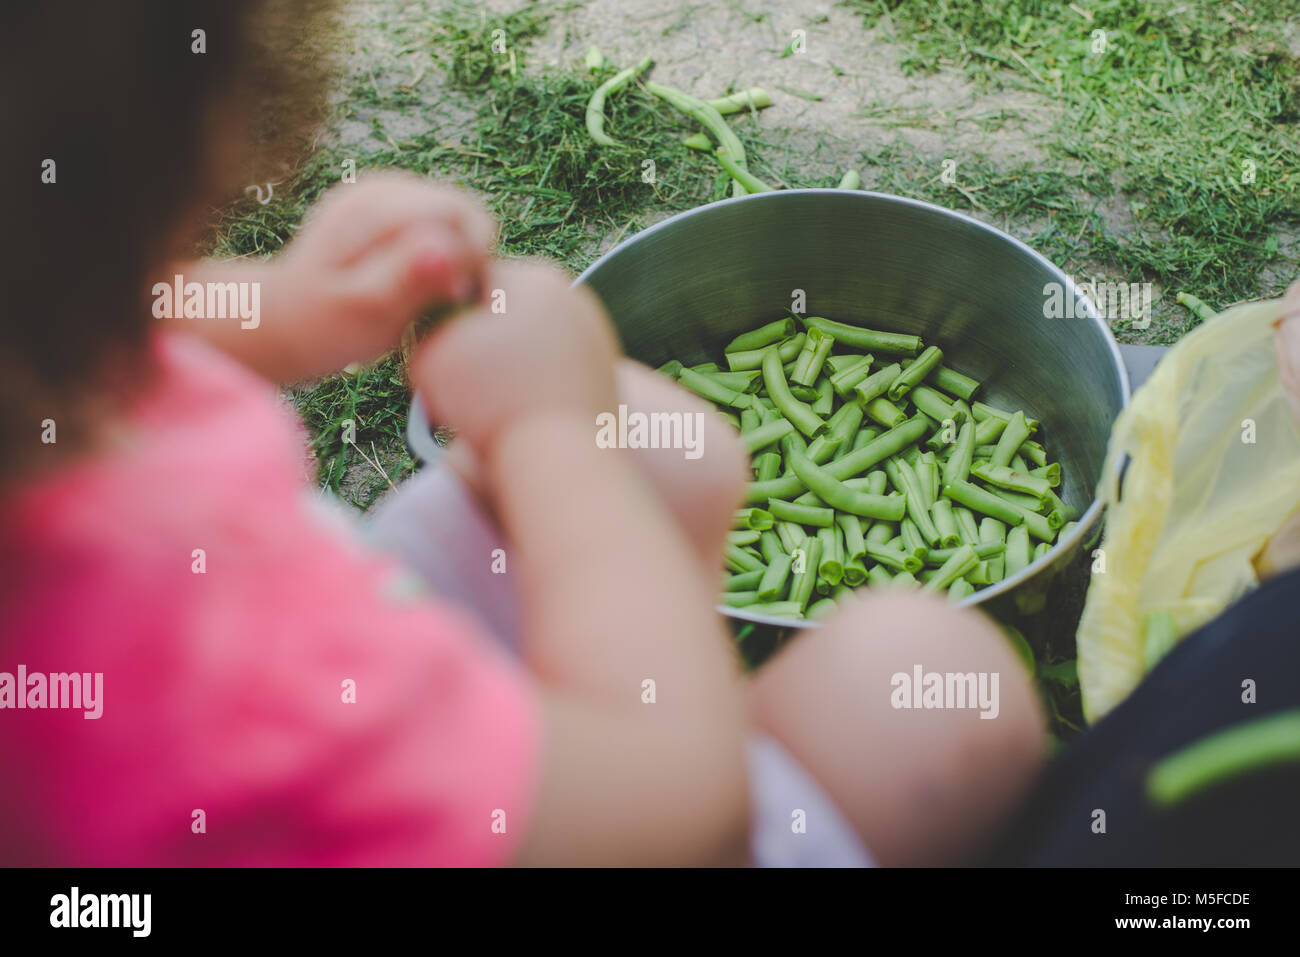 Ein junges Mädchen Kind schnappt frische grüne Bohnen in einen Topf. Stockbild